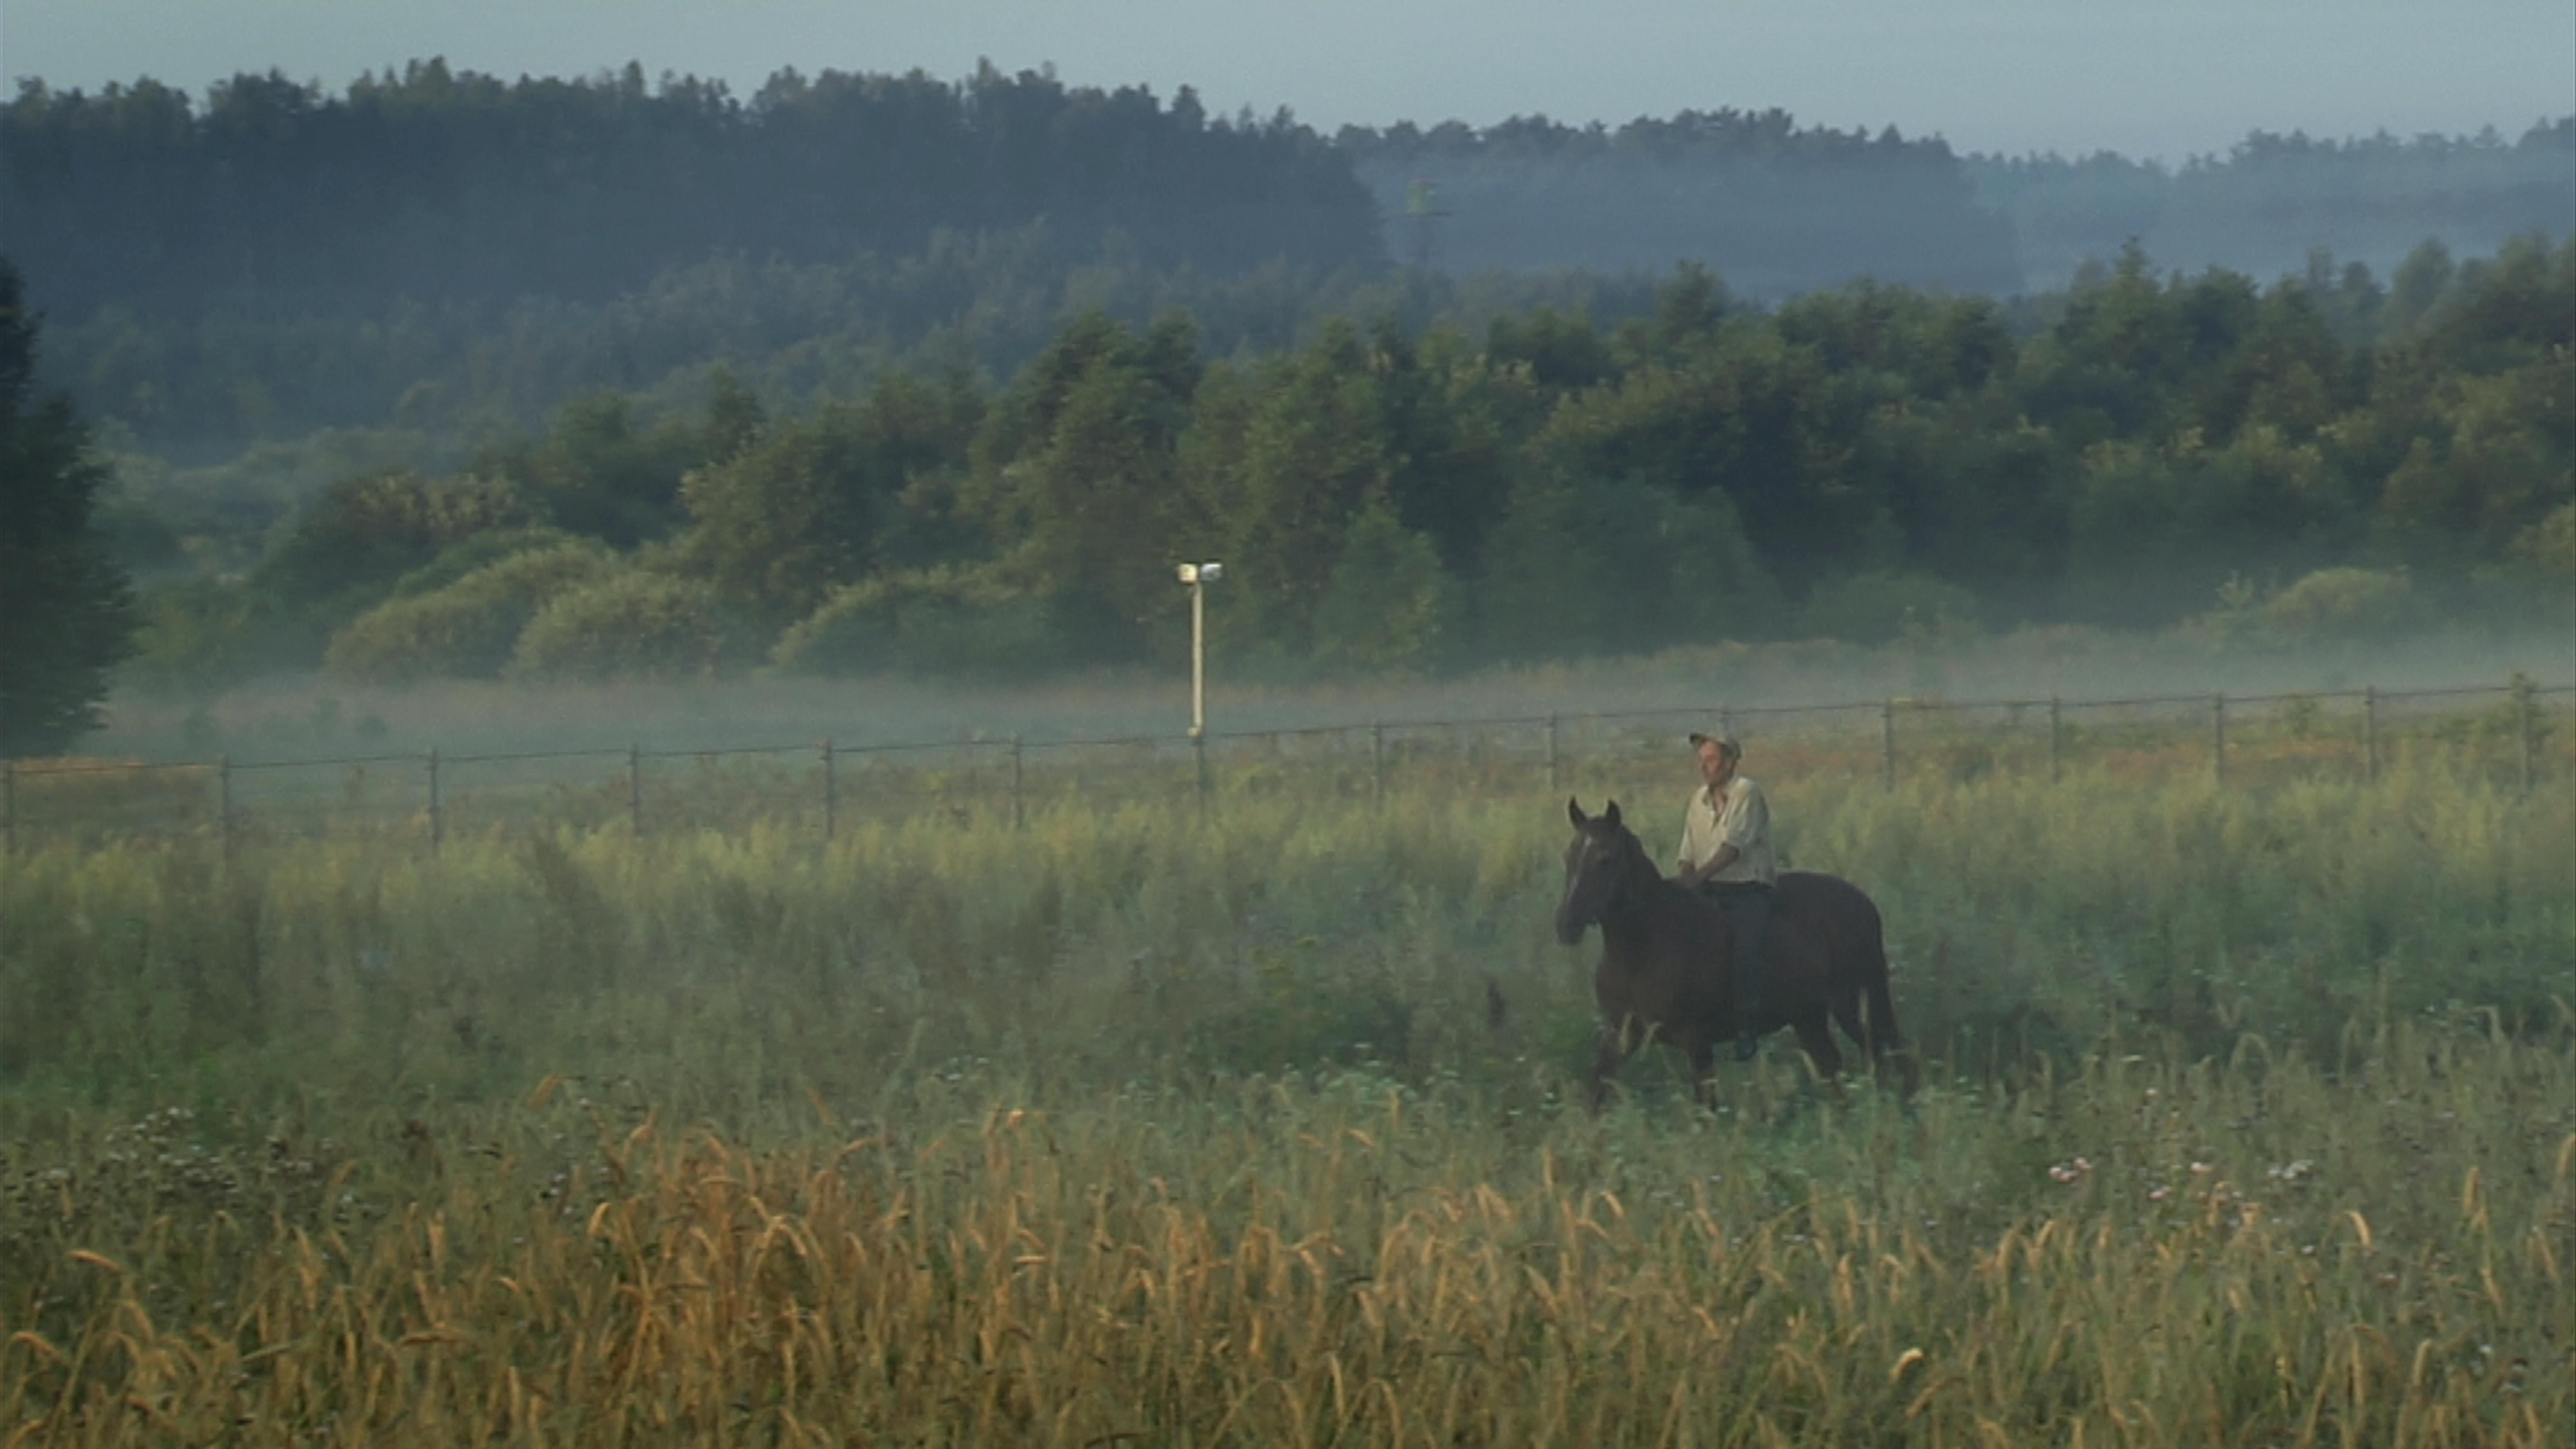 Aujourd'hui le village de Norviliskes ne compte plus que douze habitants. Il est situé sur la frontière qui sépare la Lituanie de la Biélorussie. Au delà de ce hameau, nous quittons l'Union Européenne.